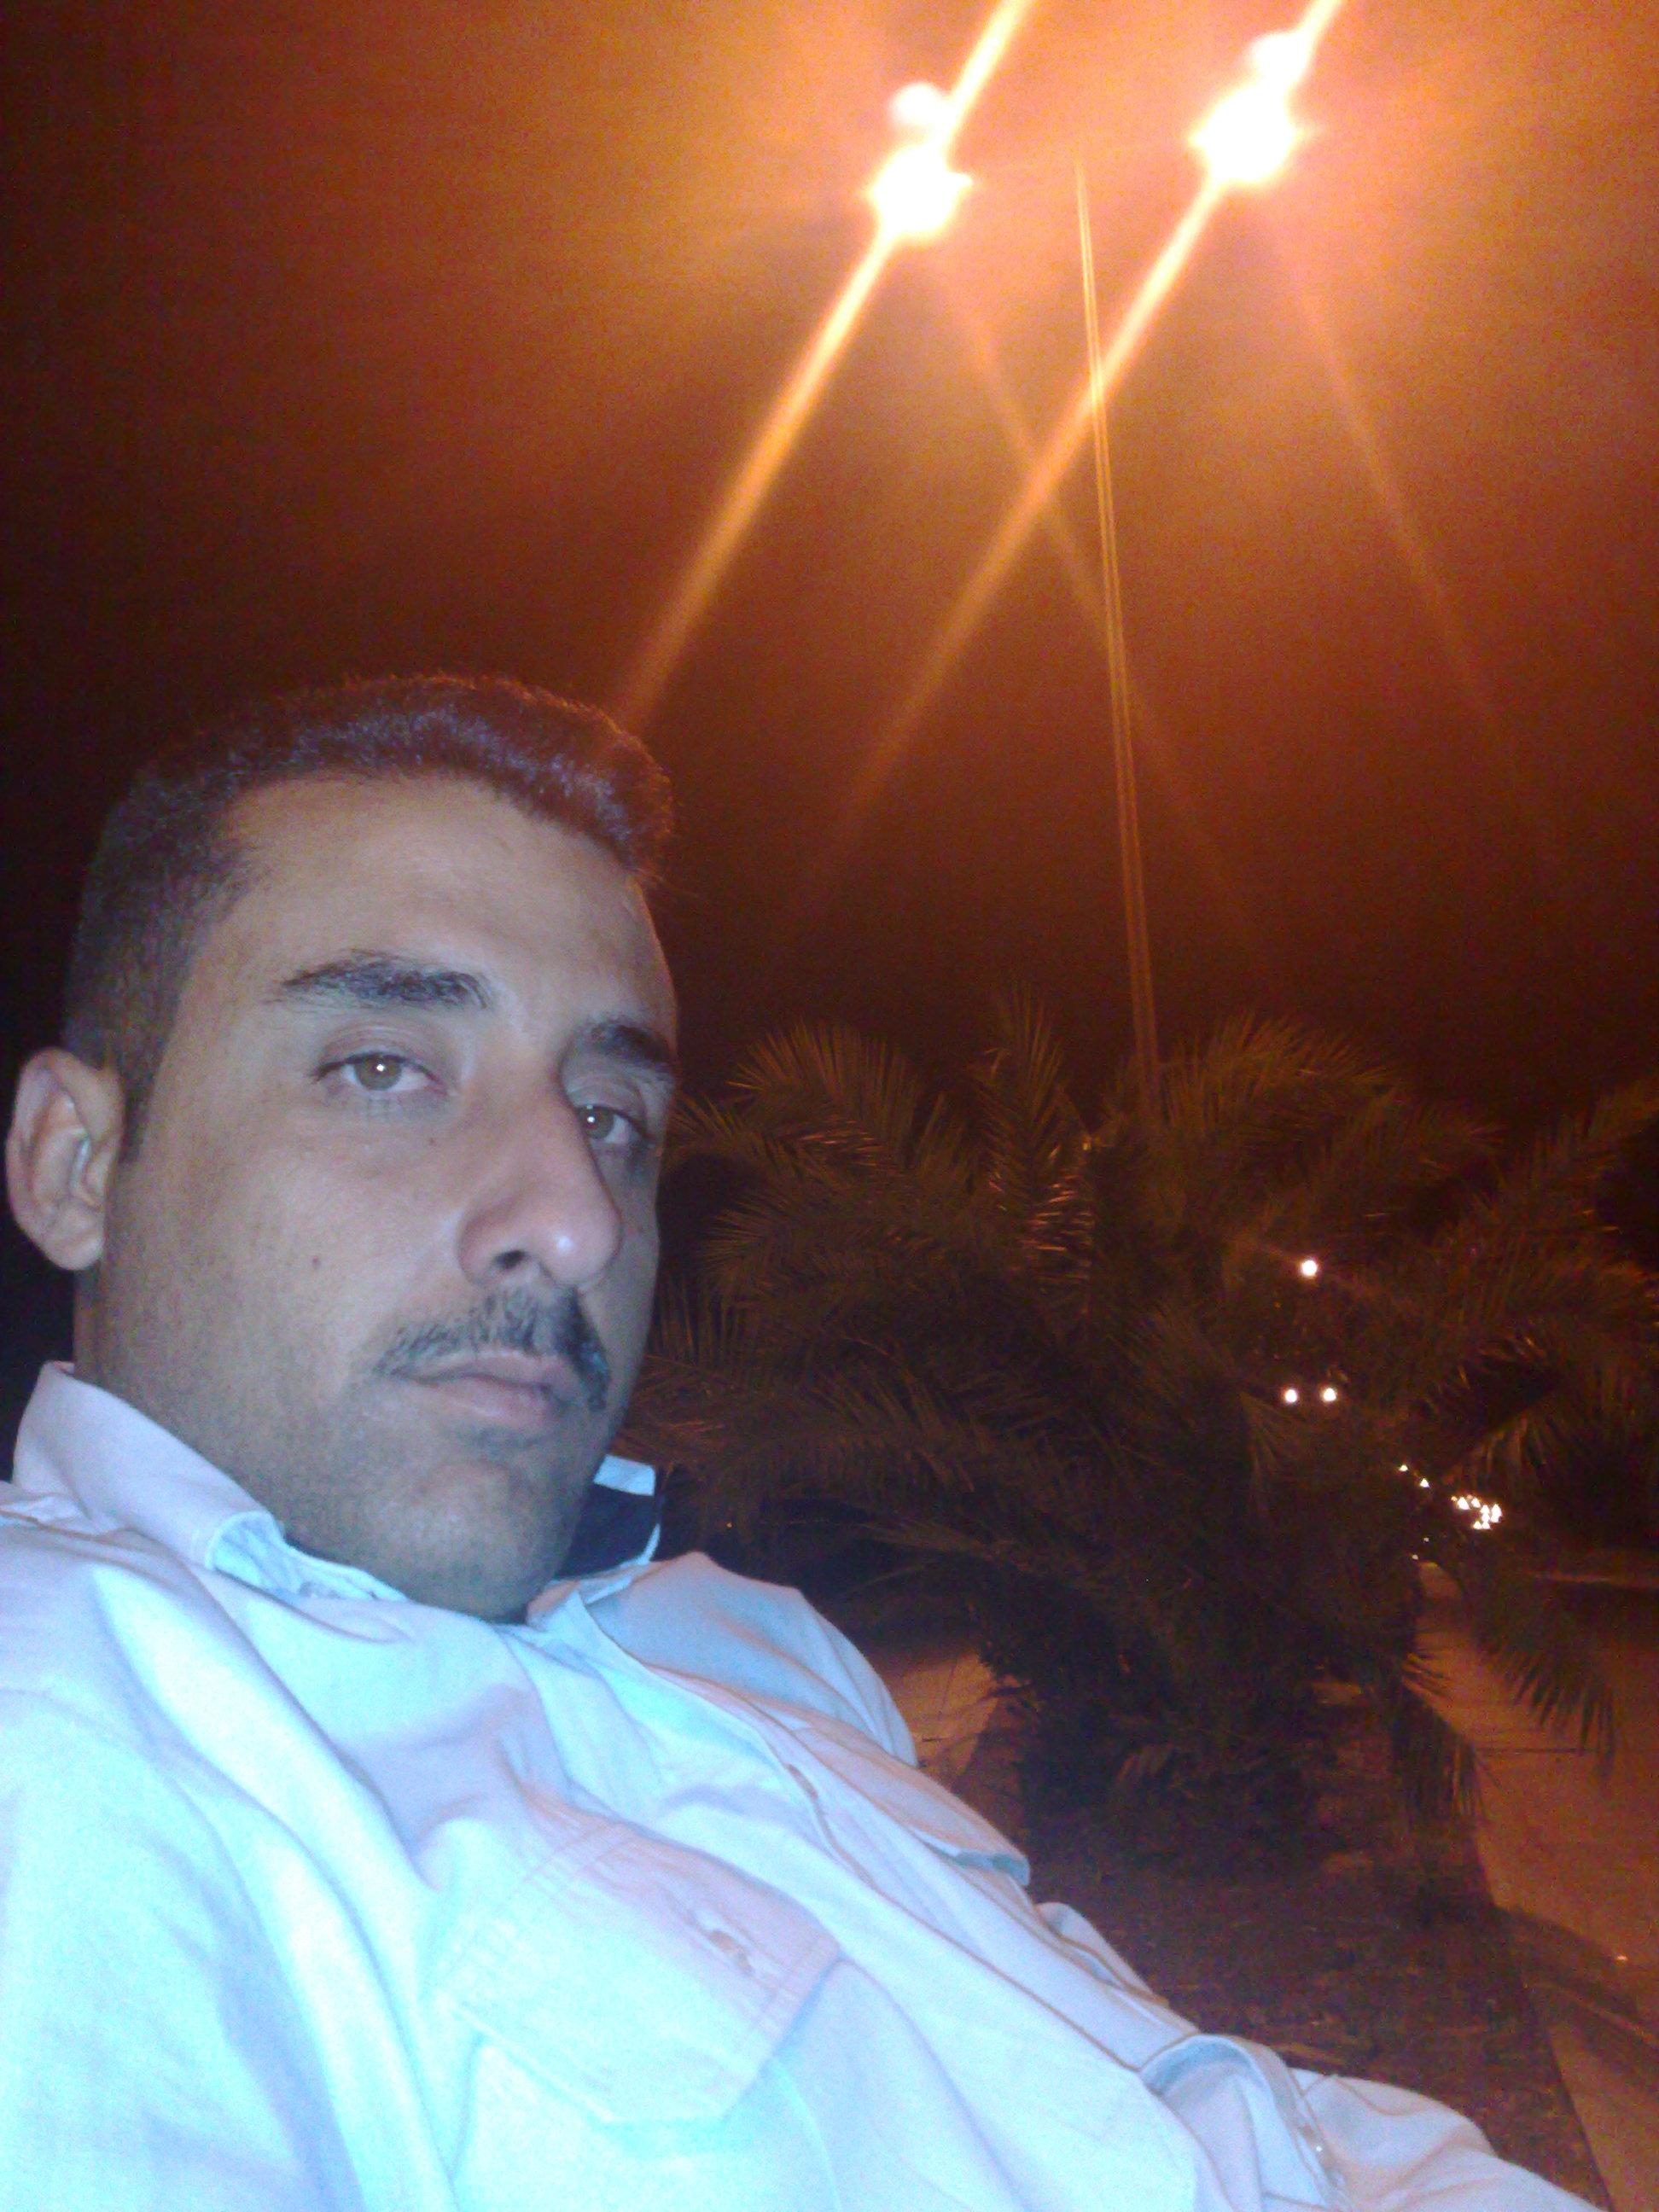 ashraf ibrahim mohmad manasrah